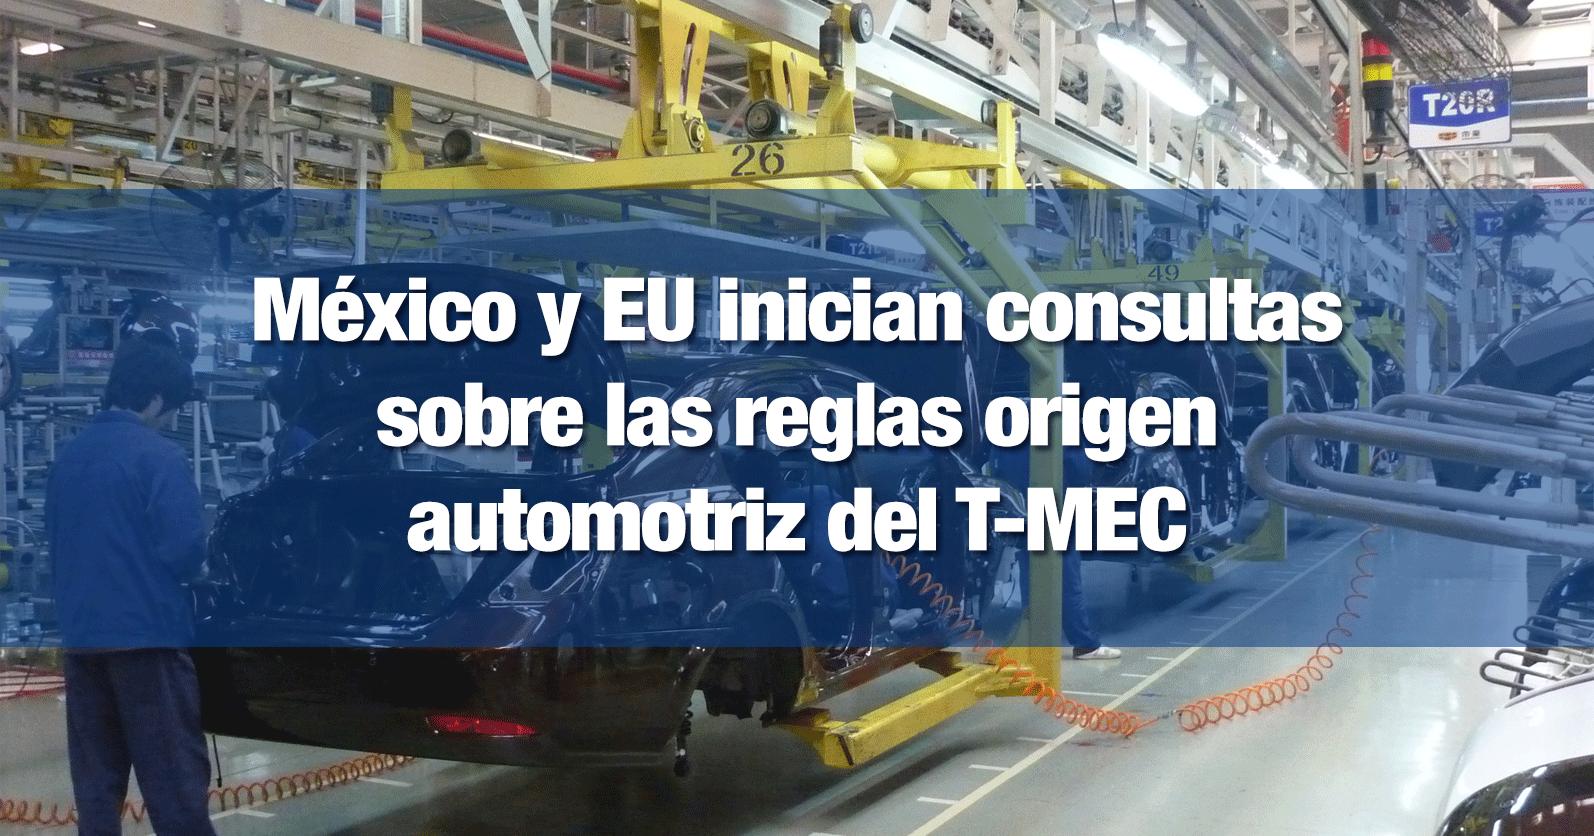 México y EU inician consultas sobre las reglas origen automotriz del T-MEC